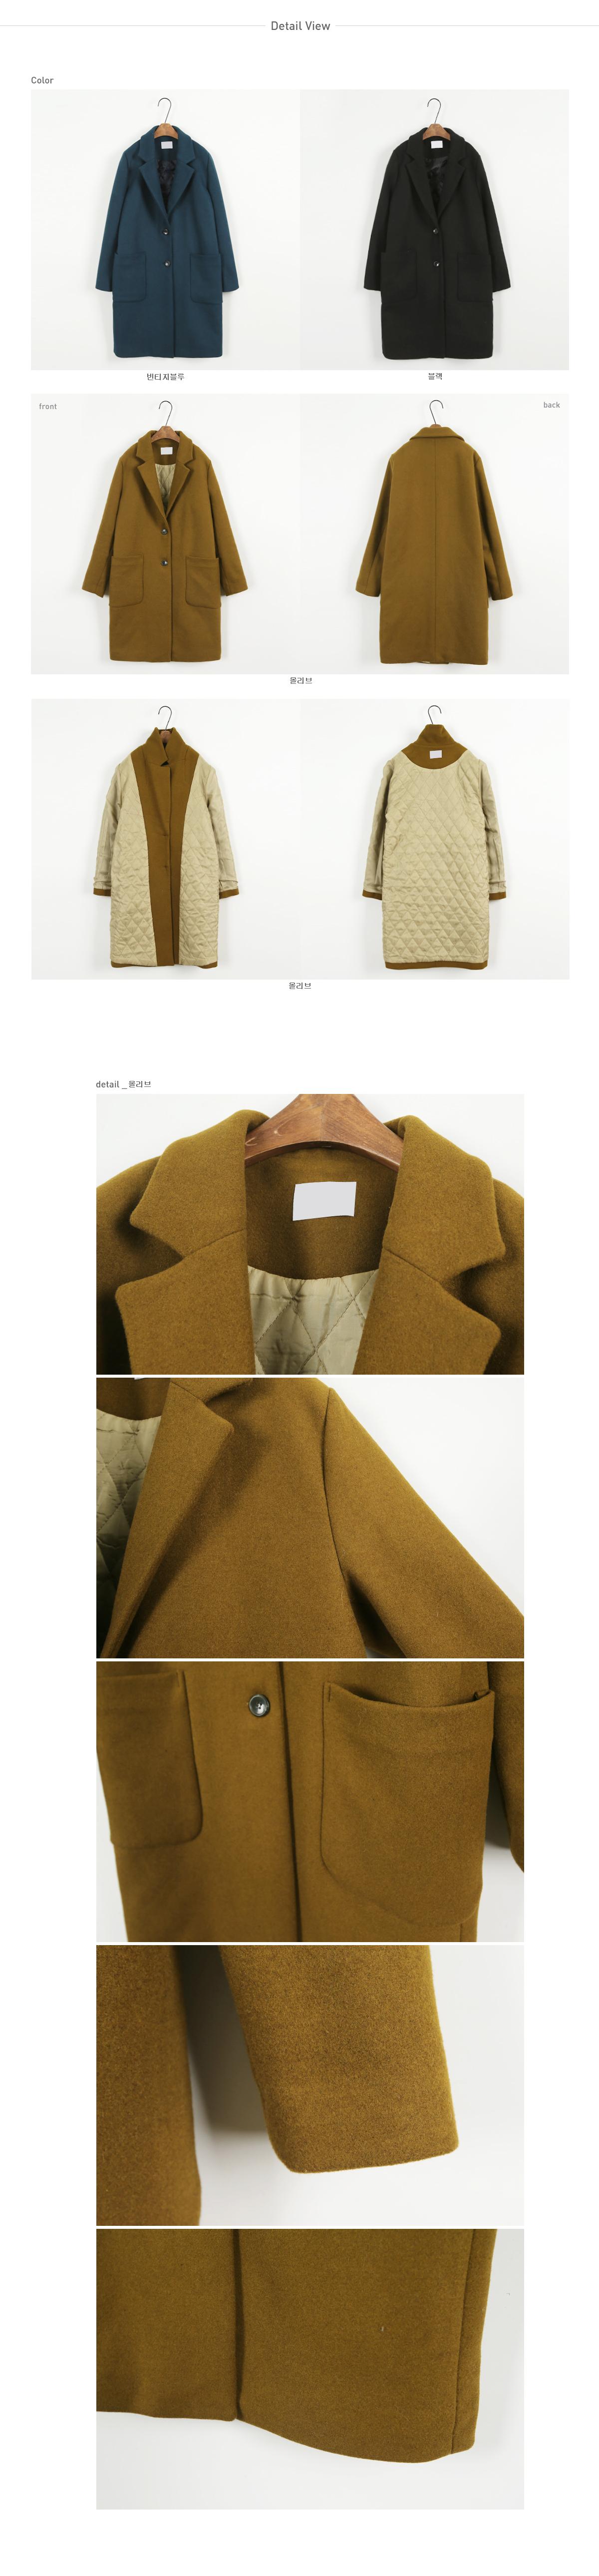 Sarabi Court - Wool 60% + Nu Beam